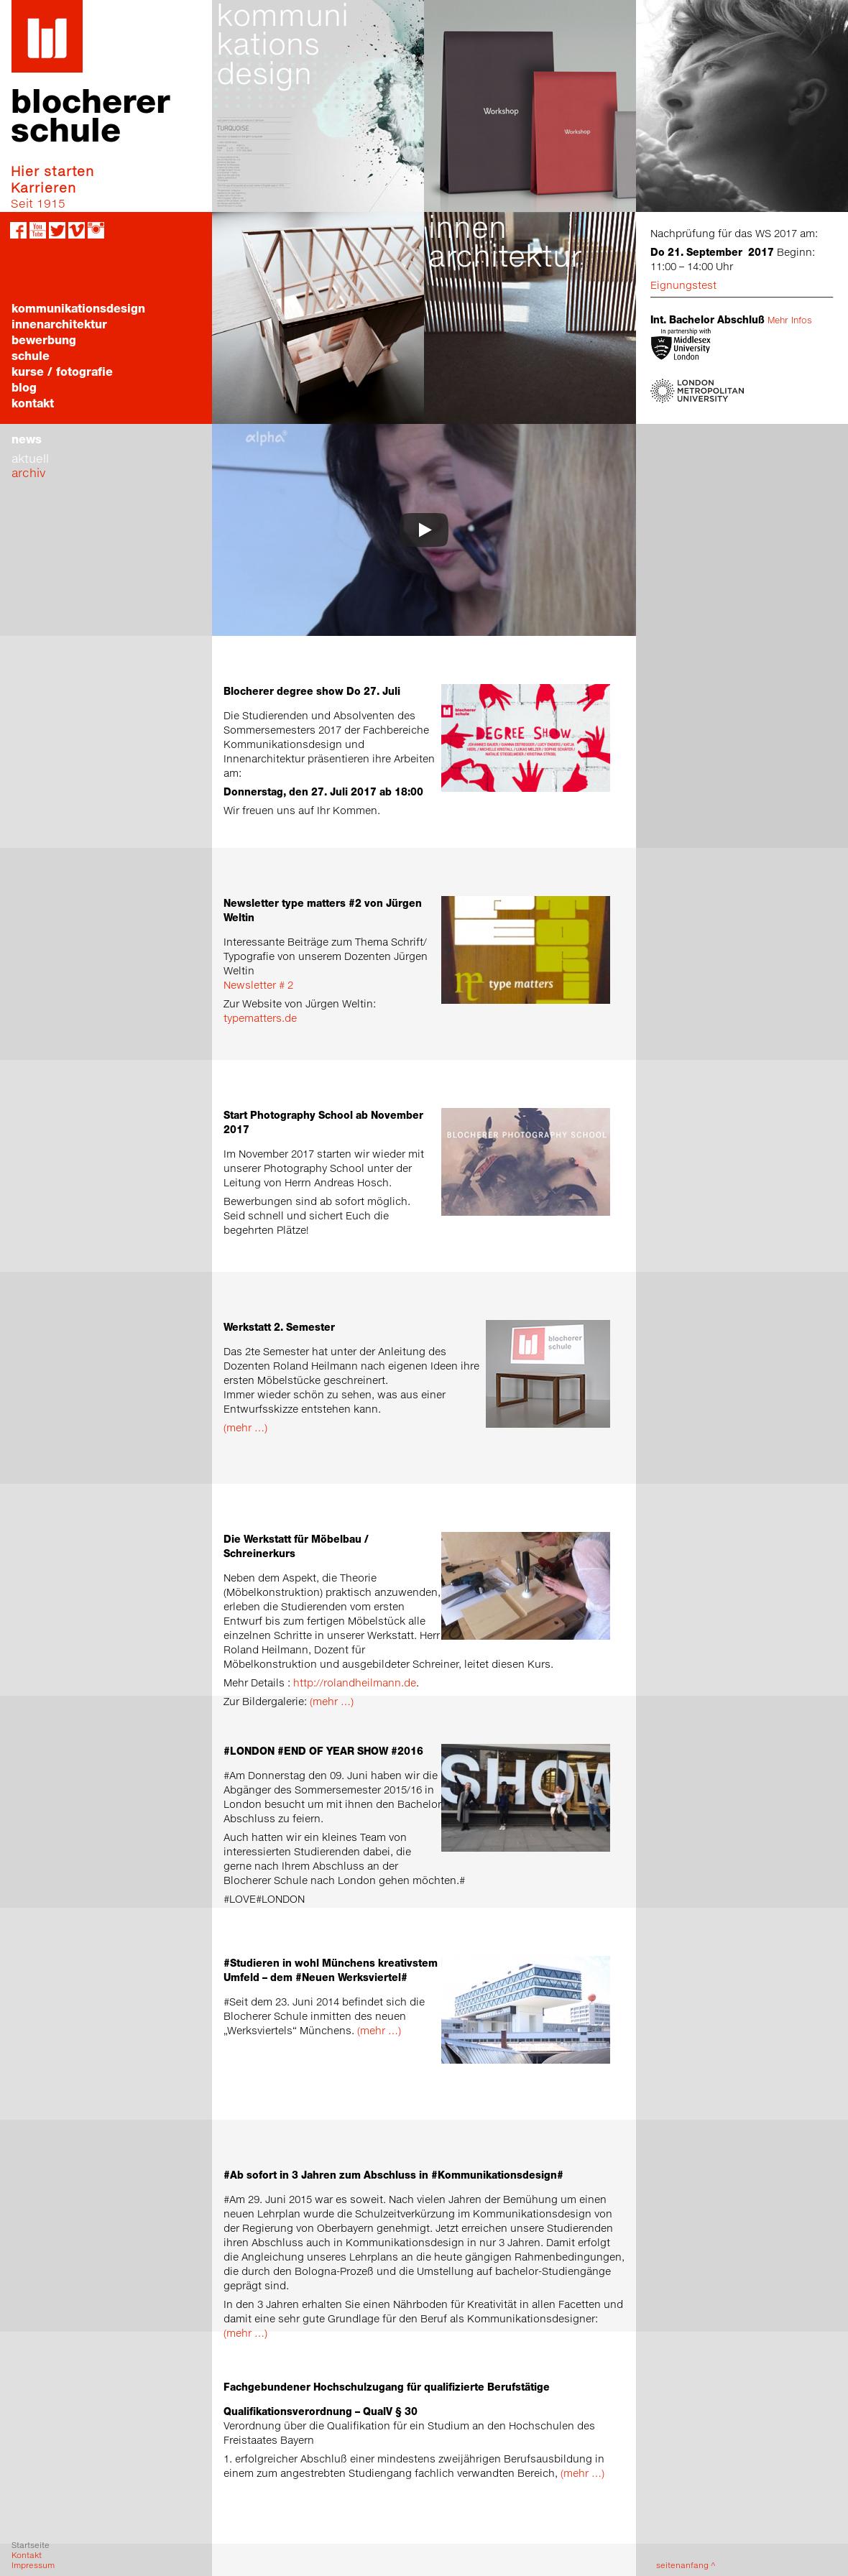 Wunderbar Blocherer Schule Website History